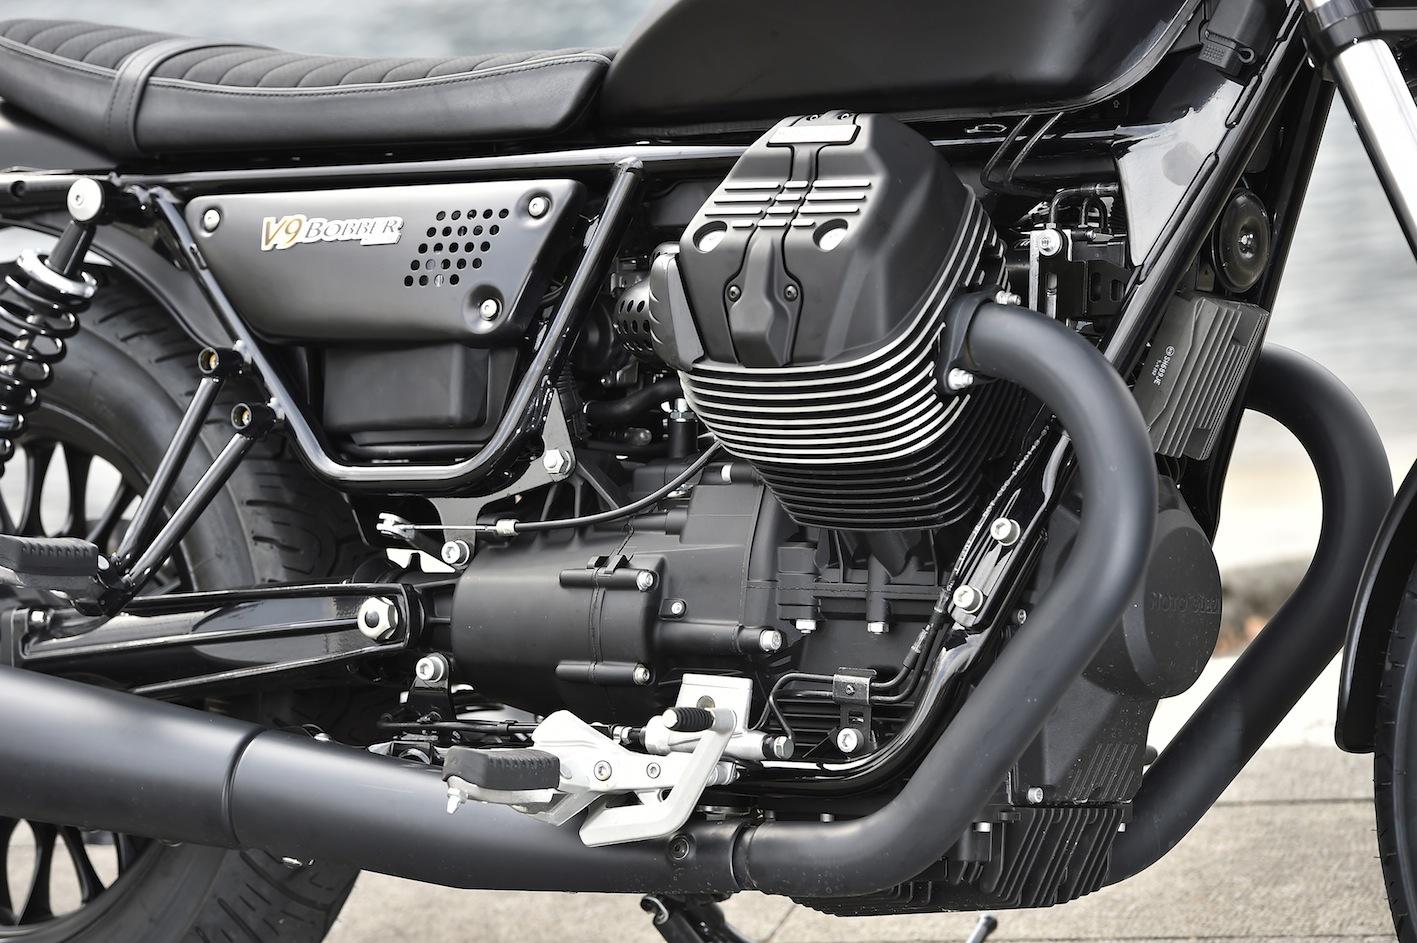 Moto Guzzi V9 Roamer bobber test avis café racer 4h10